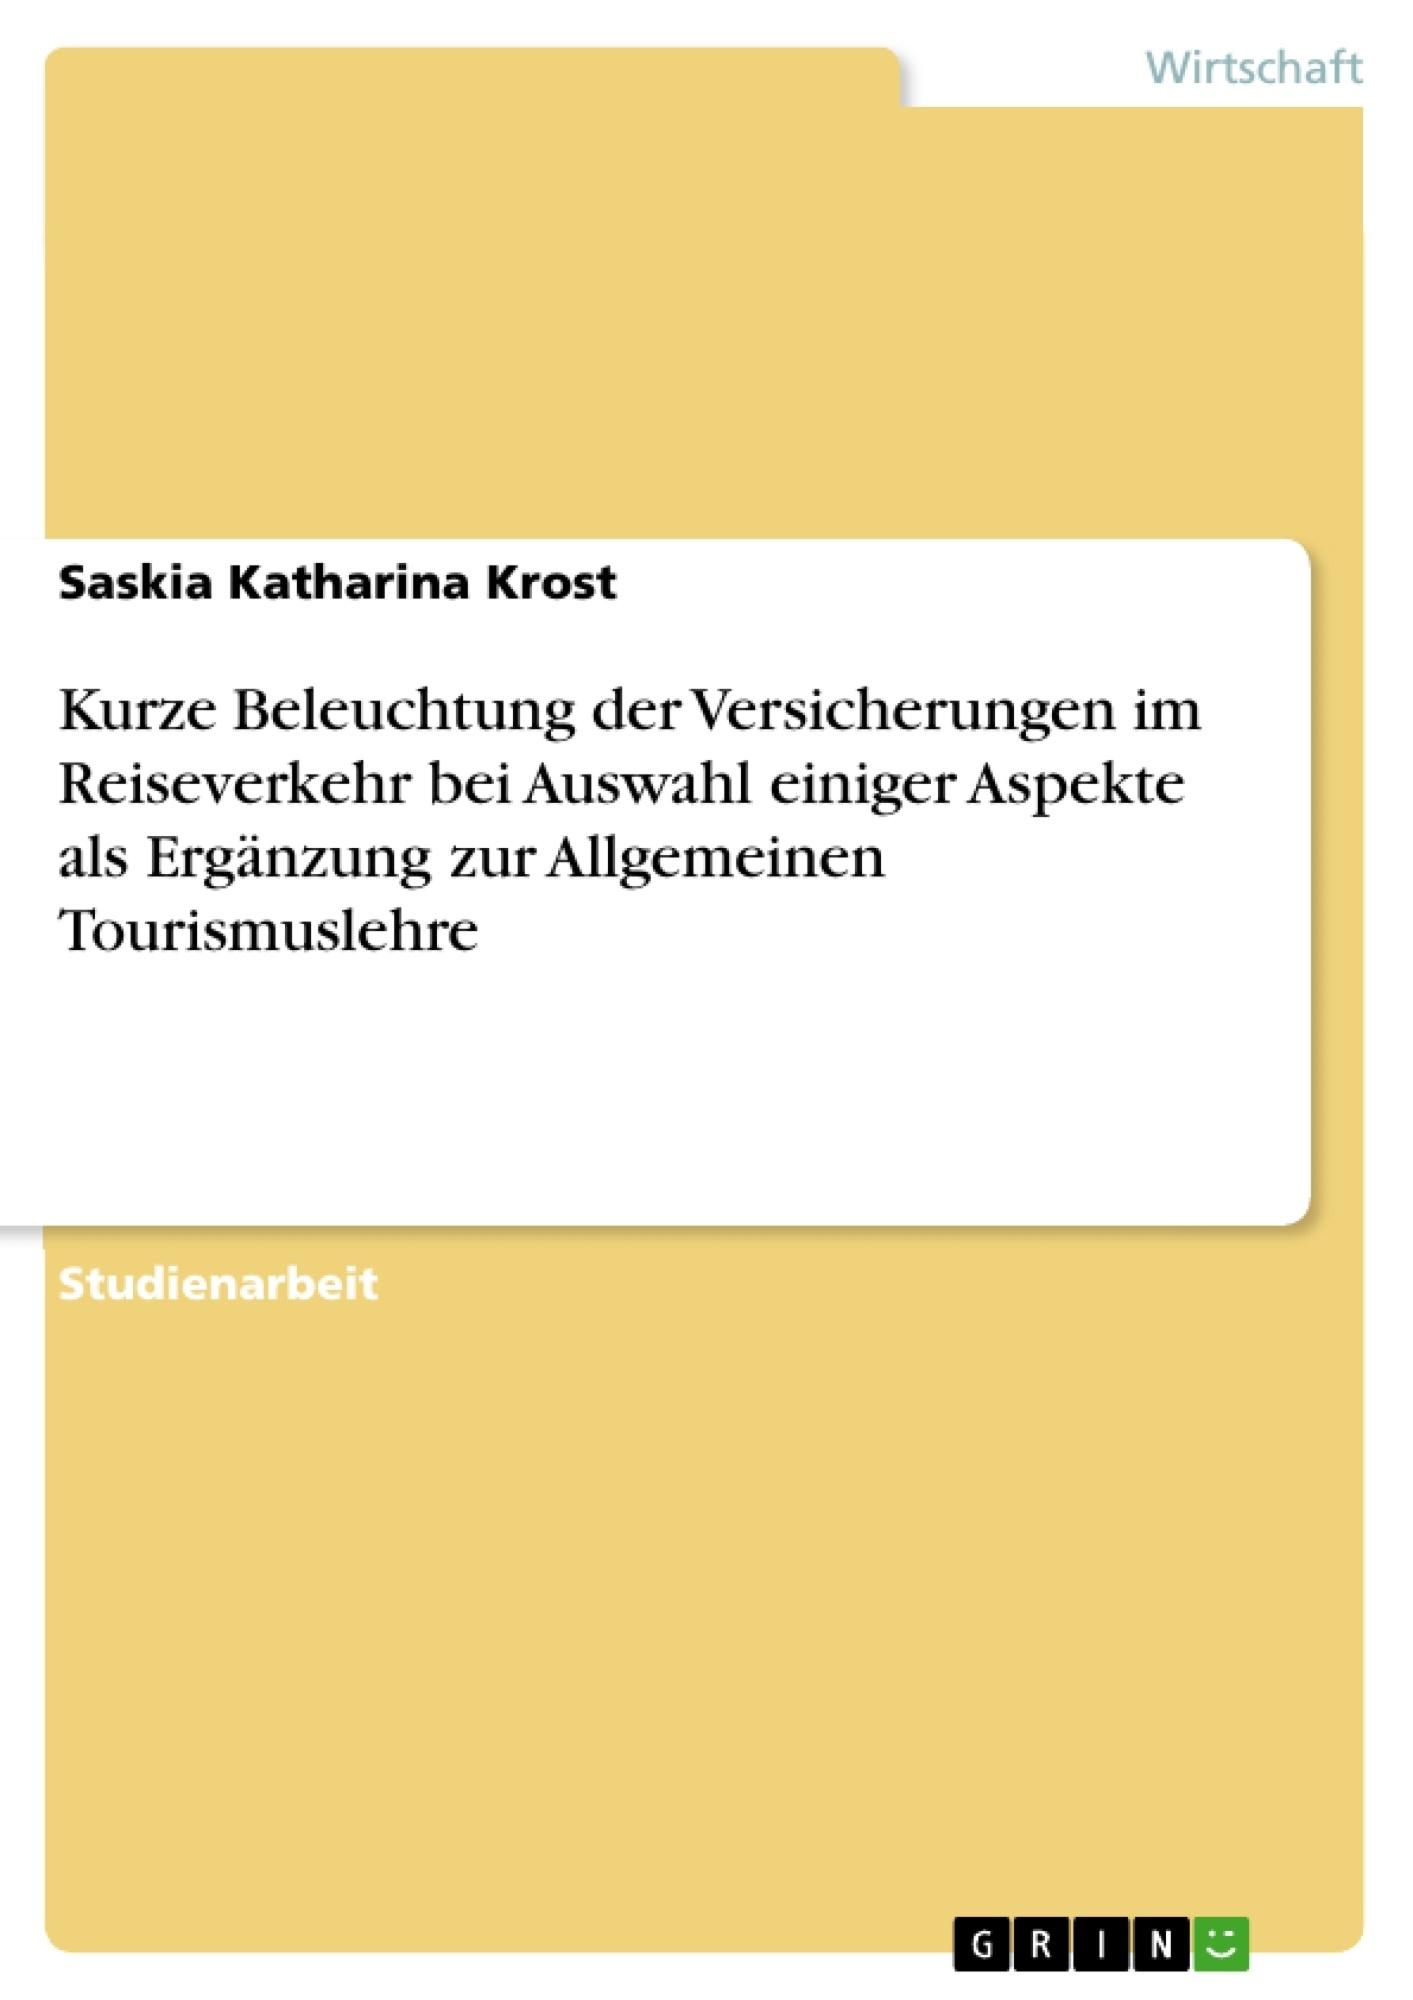 Titel: Kurze Beleuchtung der Versicherungen im Reiseverkehr bei Auswahl einiger Aspekte als Ergänzung zur Allgemeinen Tourismuslehre